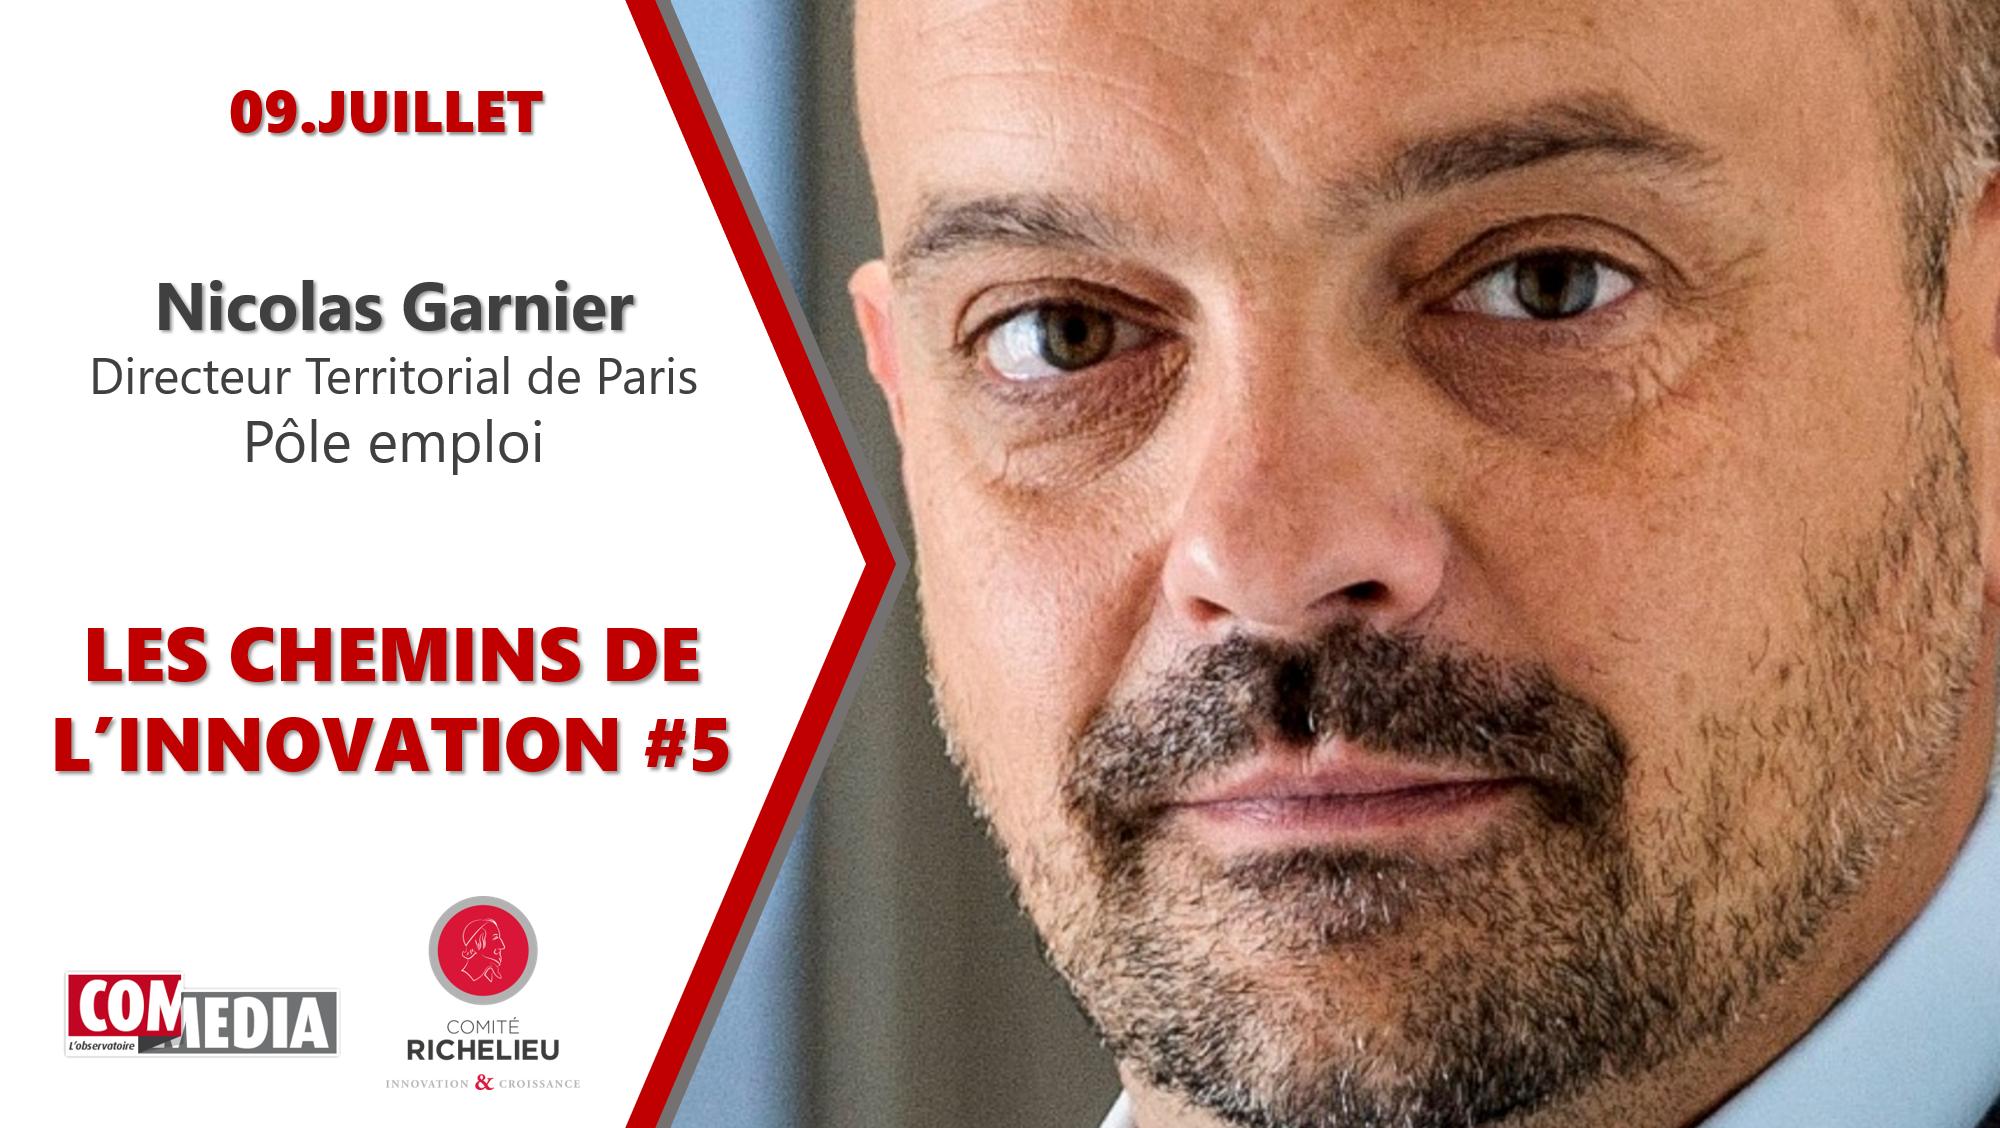 Nicolas Garnier, Pole emploi, aux Chemins de l'Innovation #5